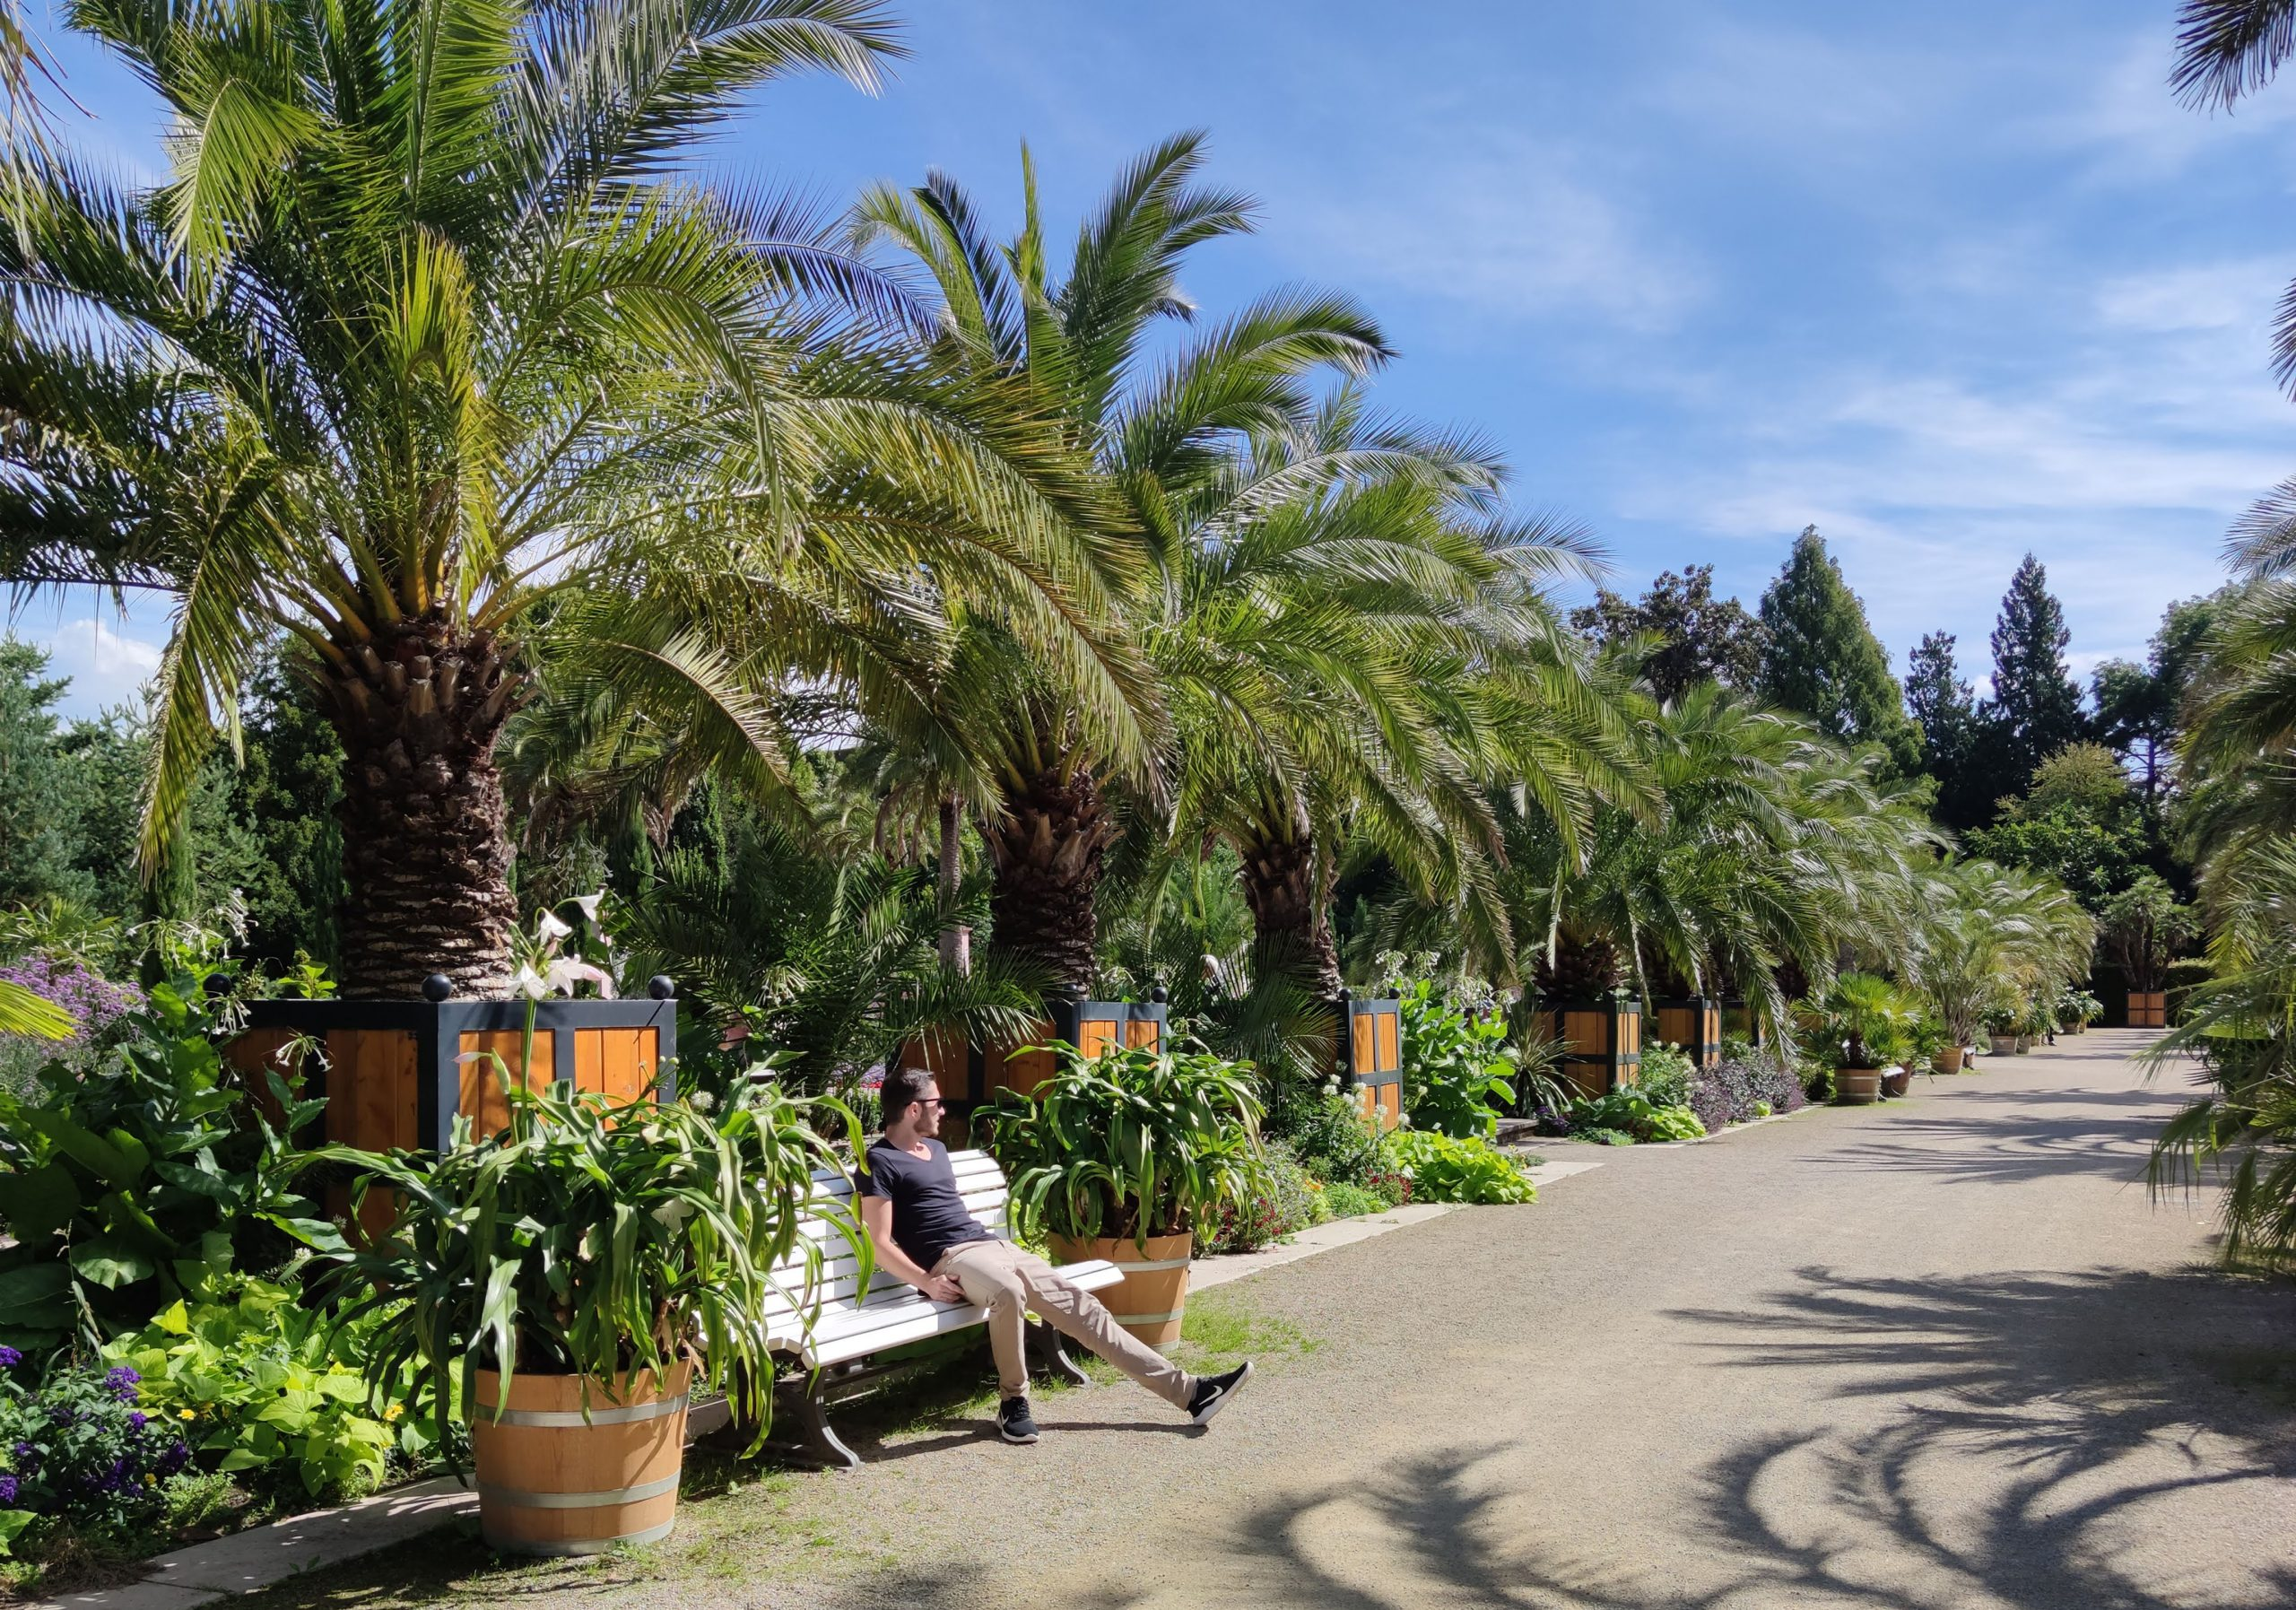 Im Kurpark Bad Pyrmont können Sie unter Palmen entspannen.